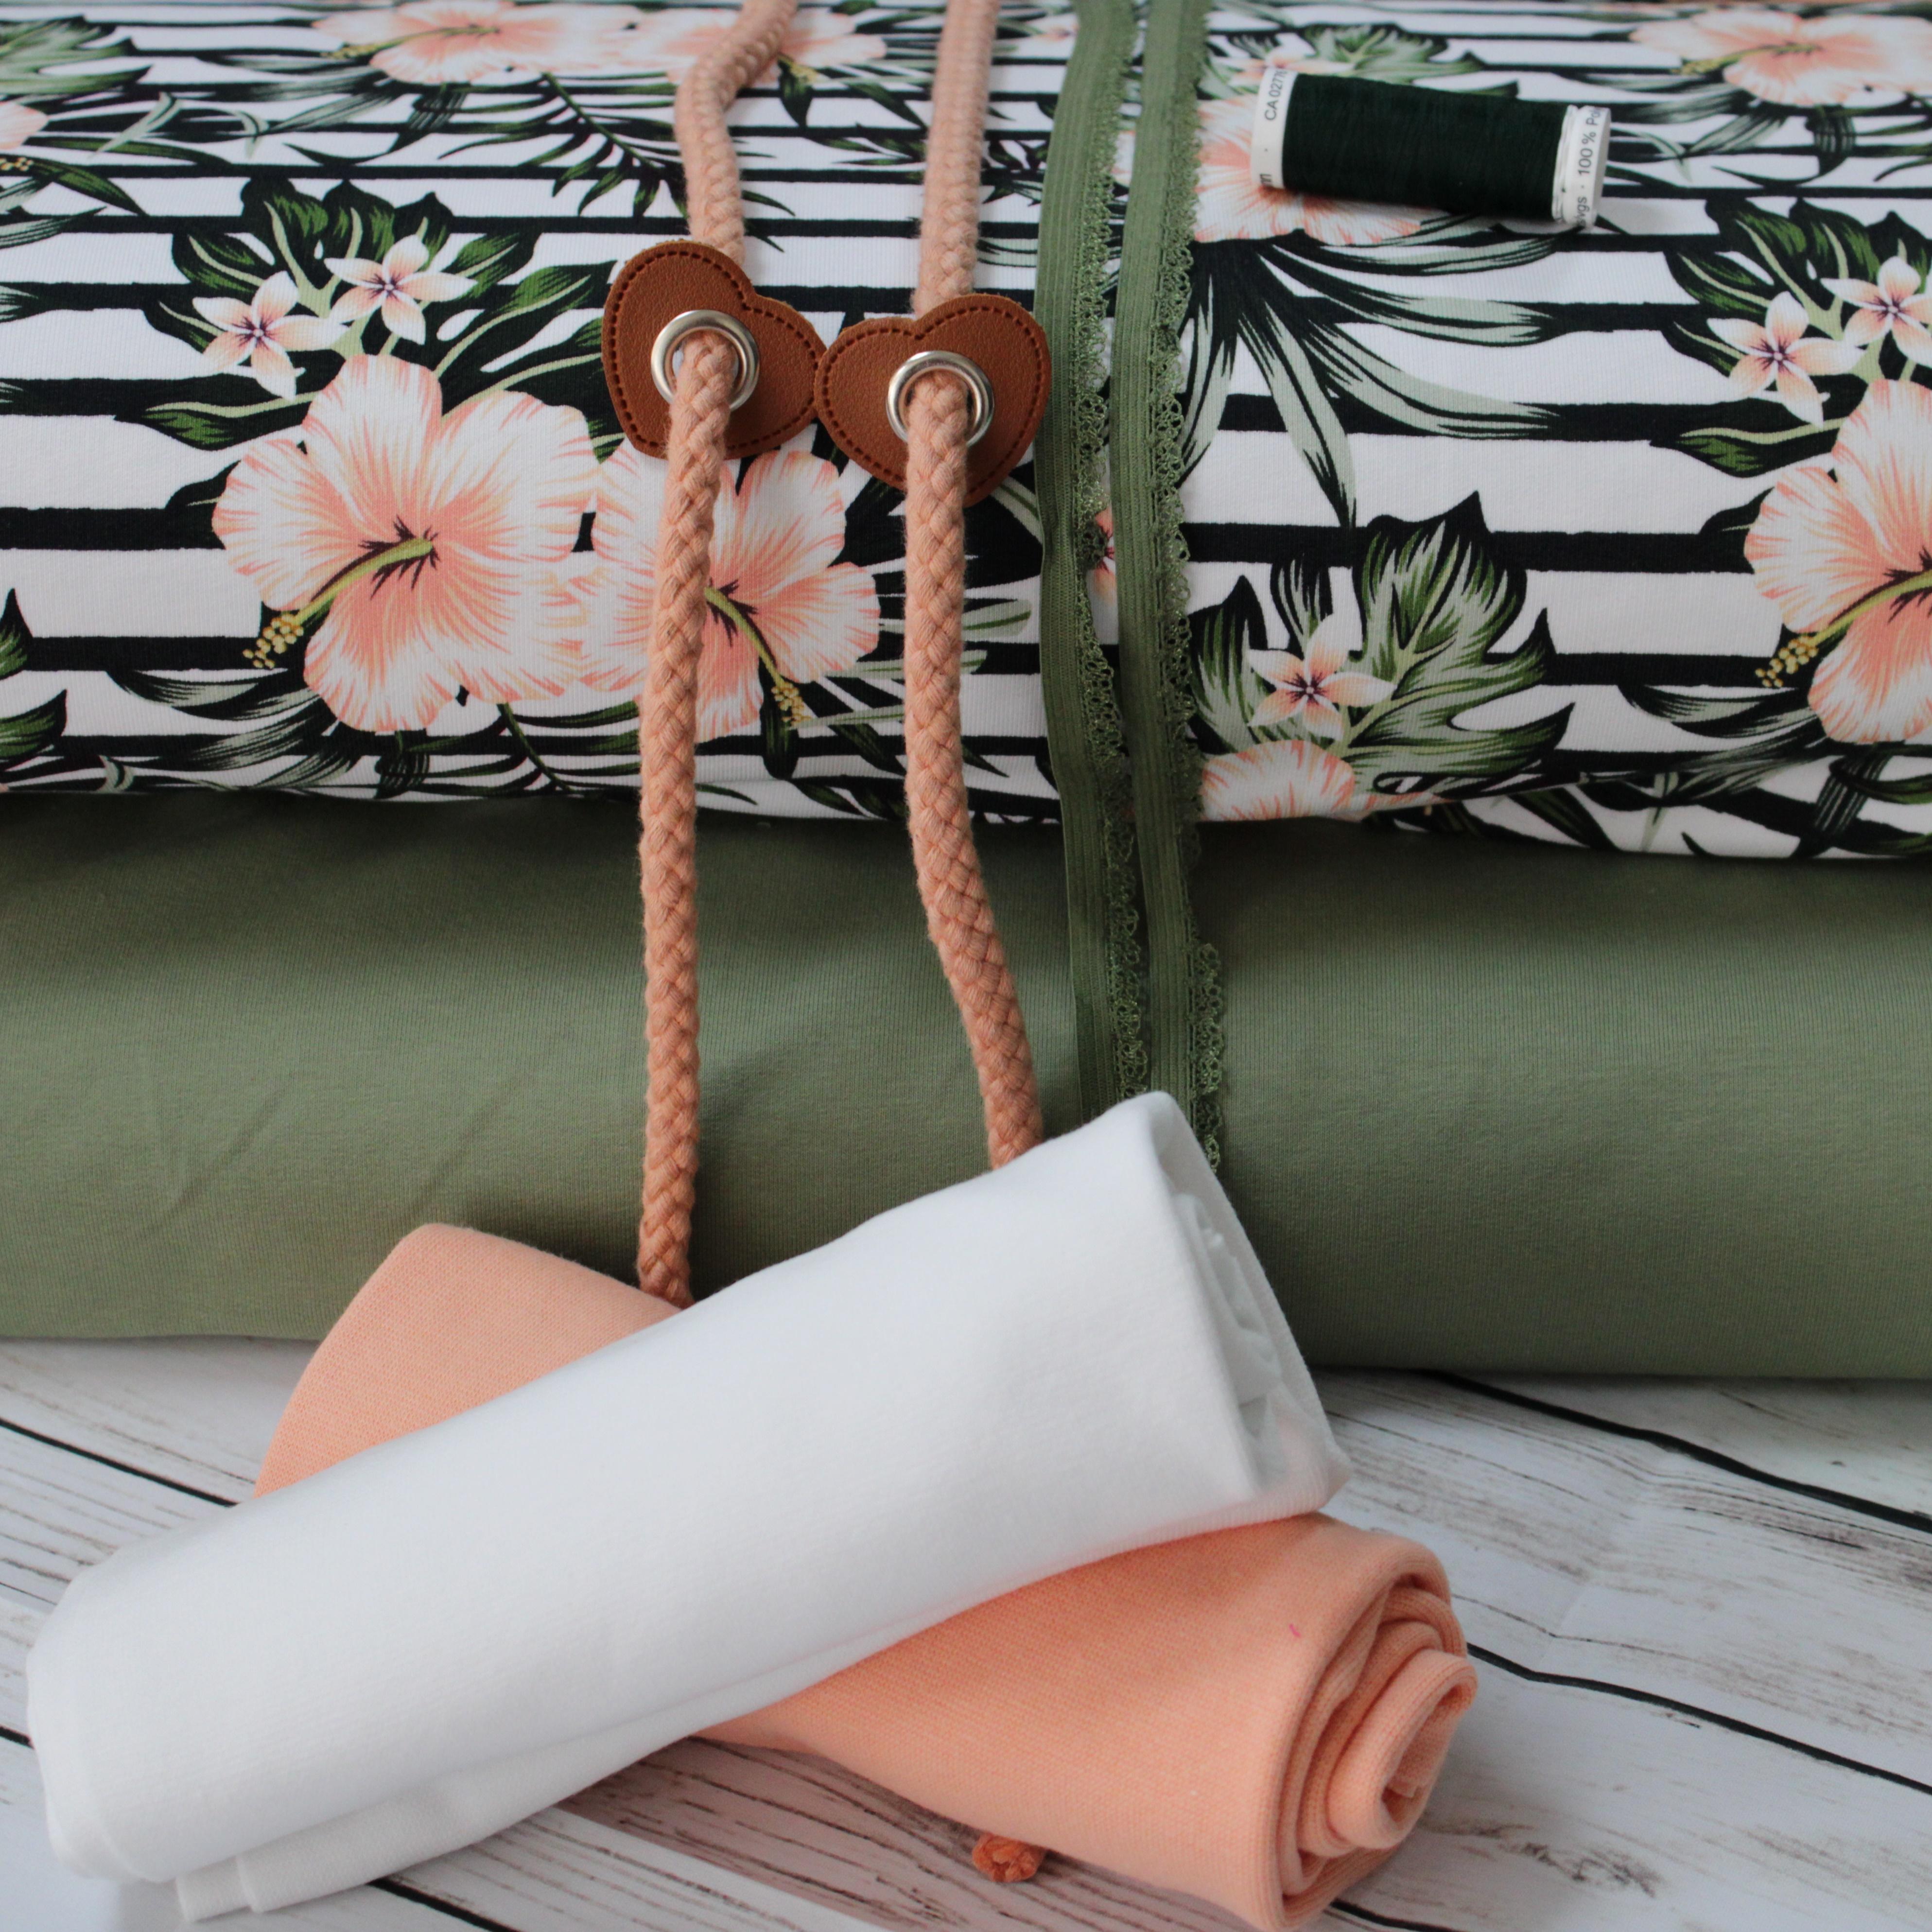 Tropical Flowers Stoffpaket - Eigenproduktion - 6 Meter Tüddelkram und Stoffe